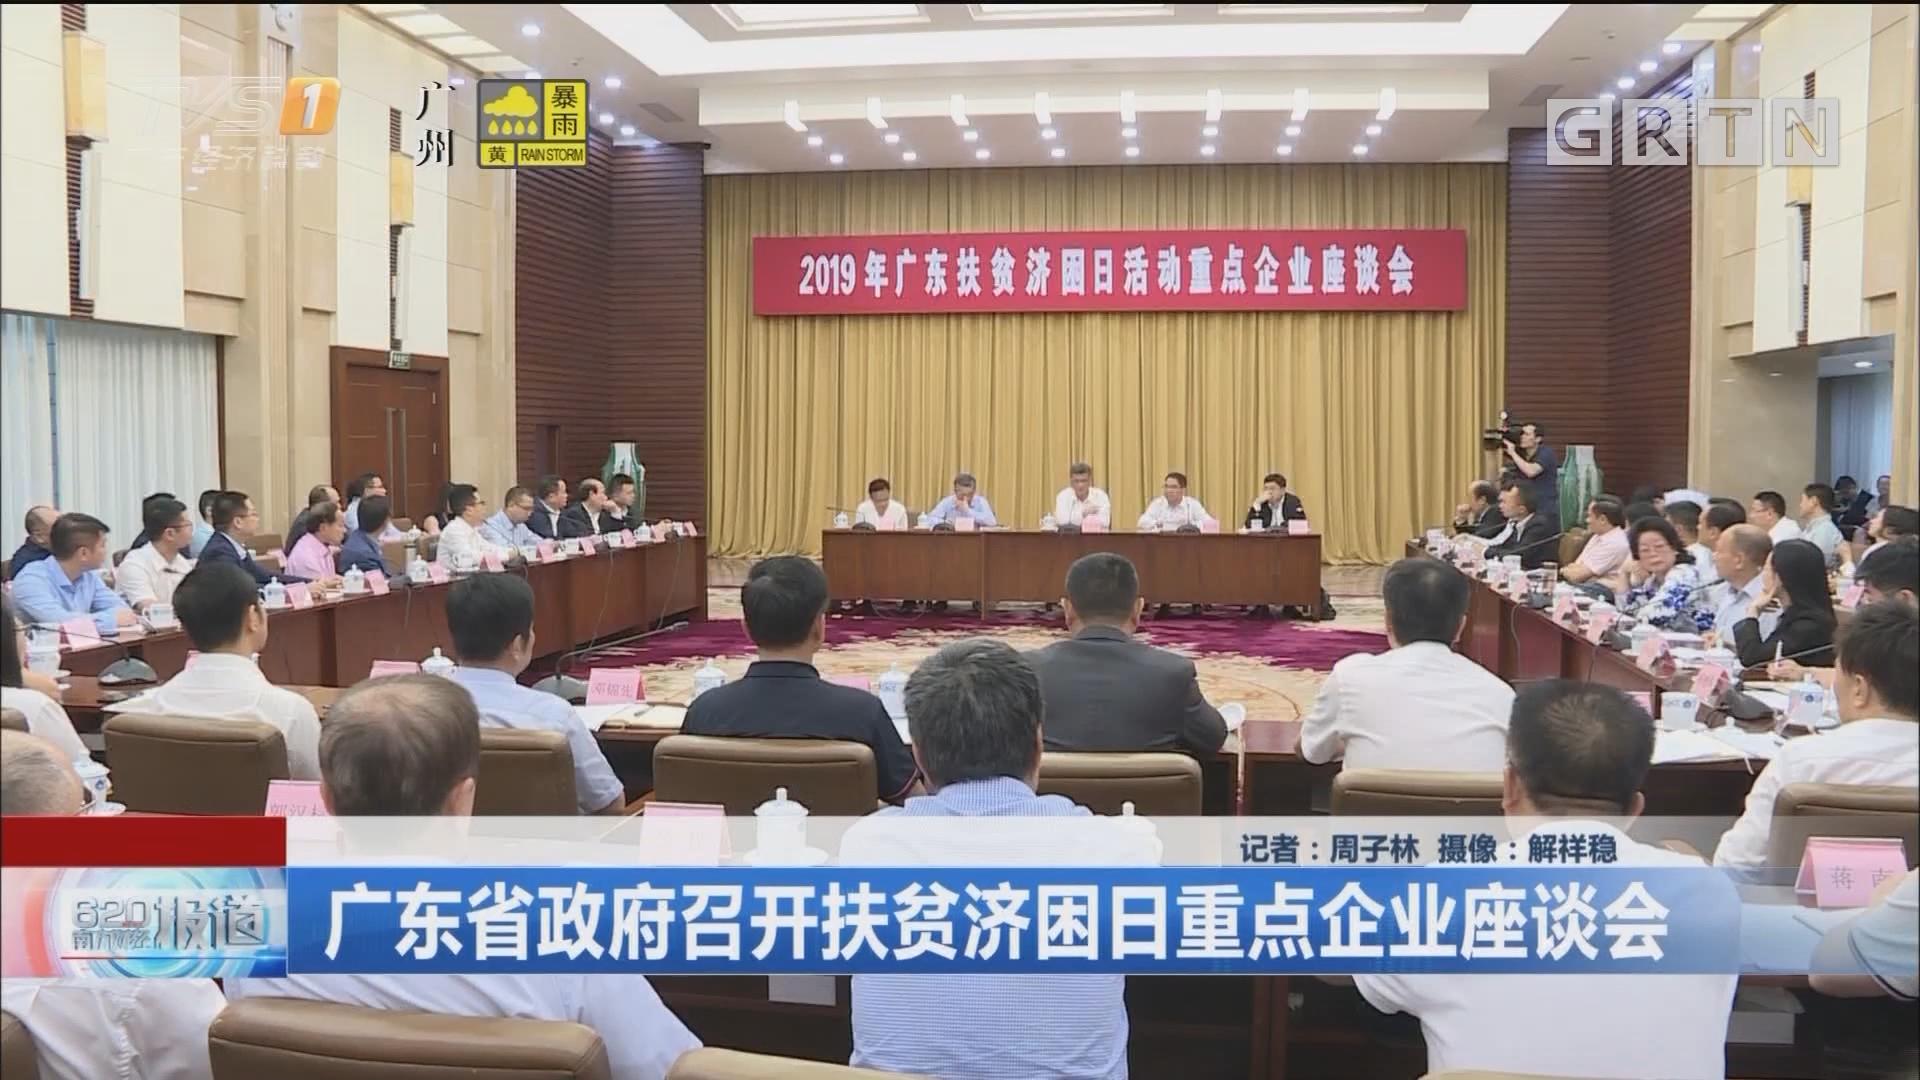 广东省政府召开扶贫济困日重点企业座谈会